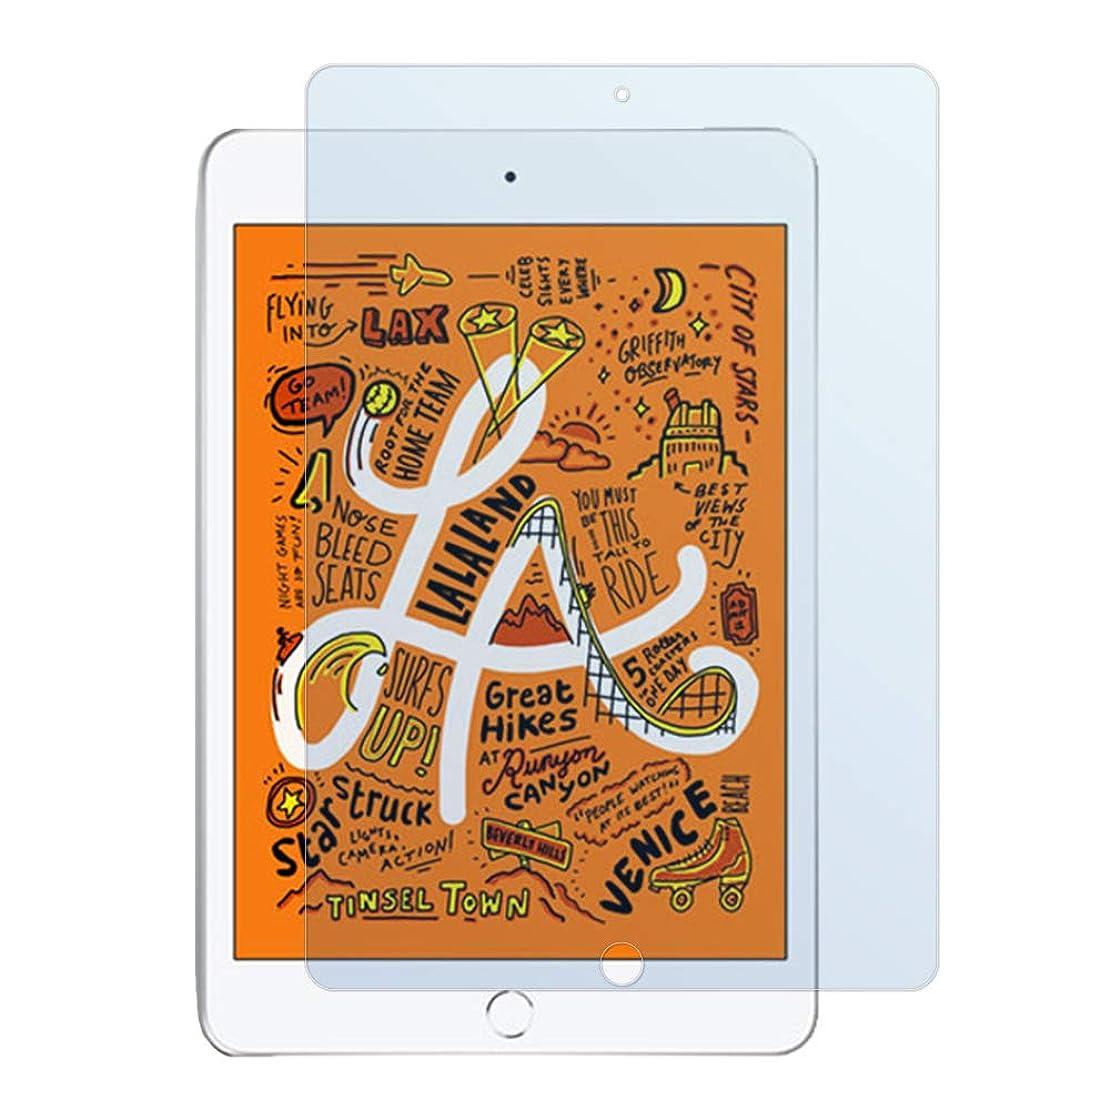 乱雑な防水任命iPad mini 2019 mini5 mini4 フィルム ブルーライトカット 保護フィルム アイパッド ミニ5 ミニ4 ブルーライト カット [EXMO,Inc.] EXPF-ipad-mini4-BL